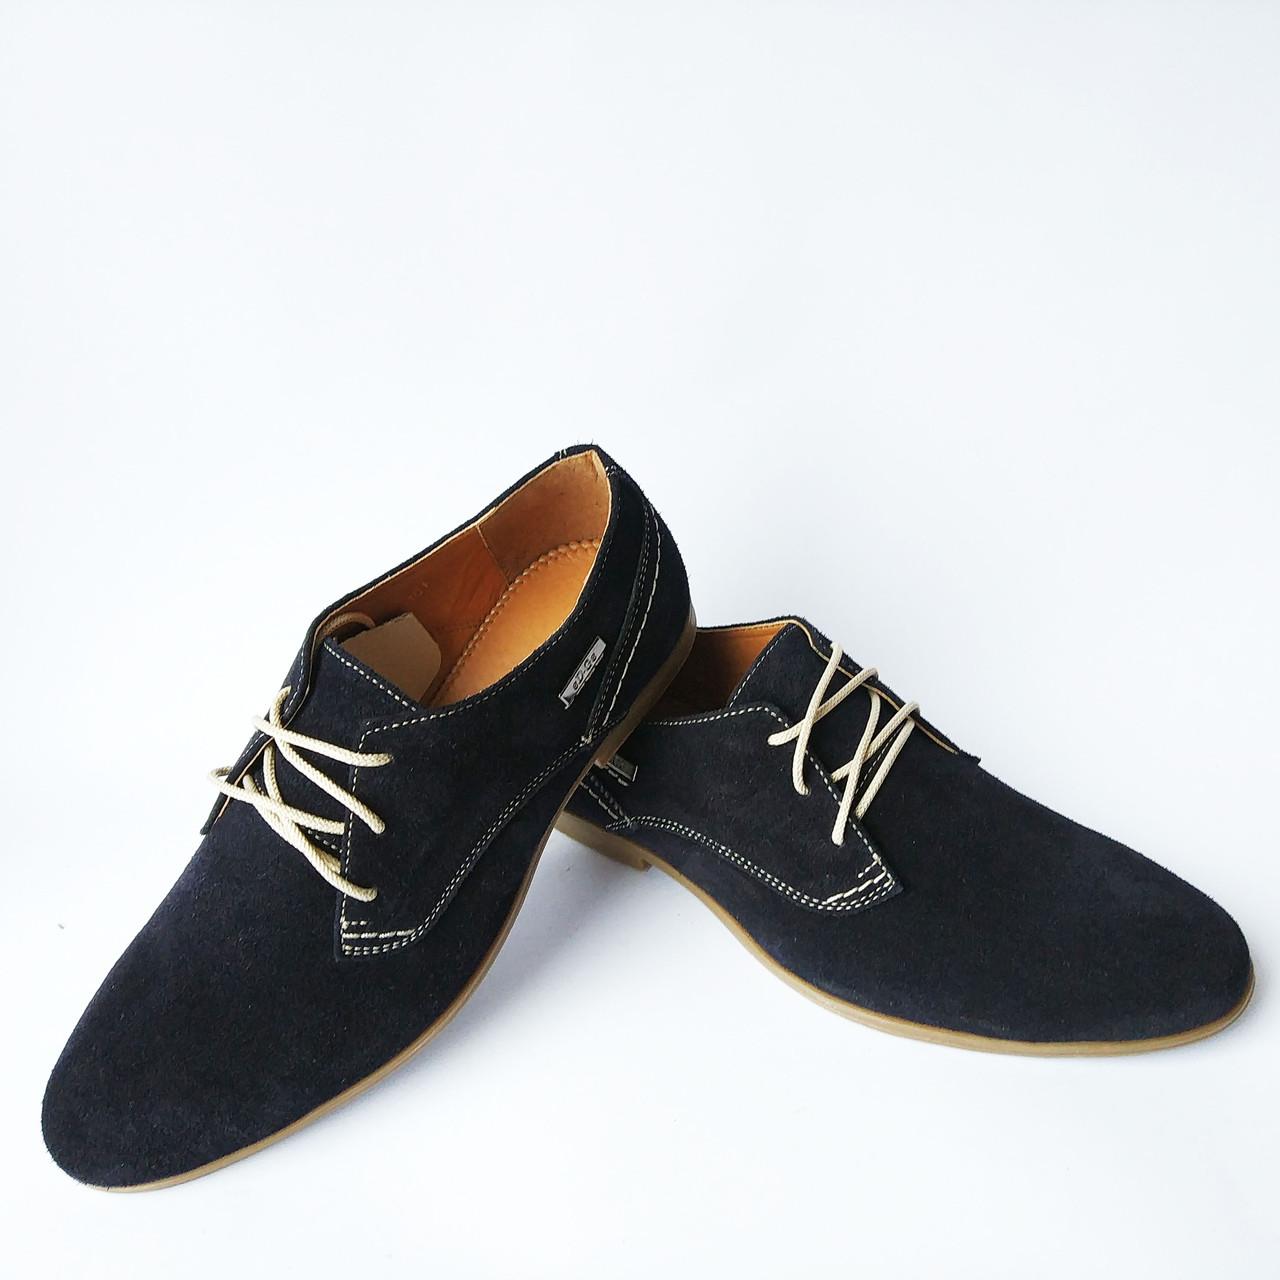 Кожаная харьковская мужская обувь   замшевые туфли синего цвета, на ... 0b4a3c3277e